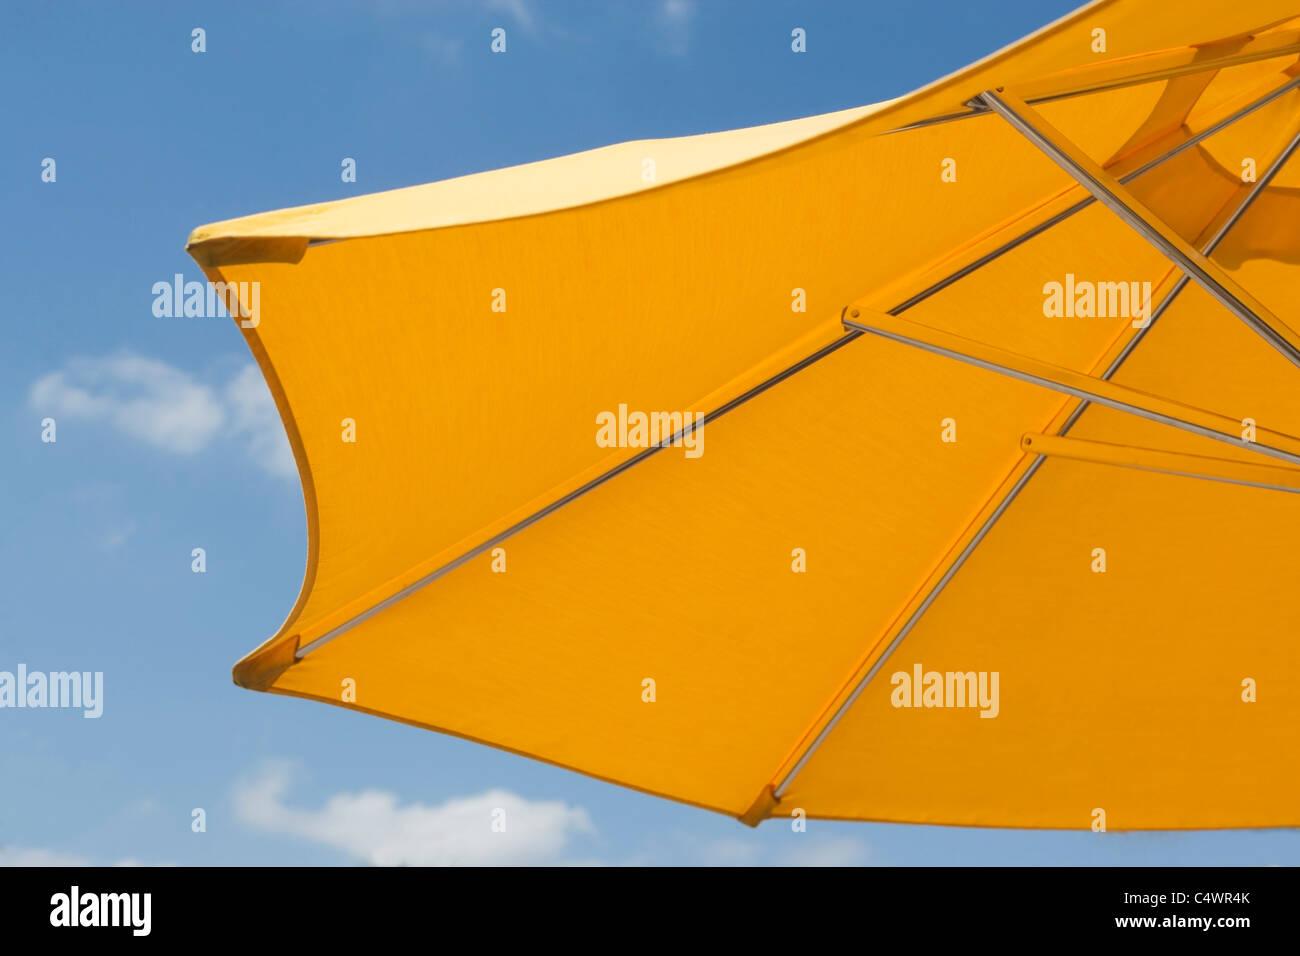 Stati Uniti d'America, Florida, Miami, giallo del parasole contro il cielo blu Immagini Stock